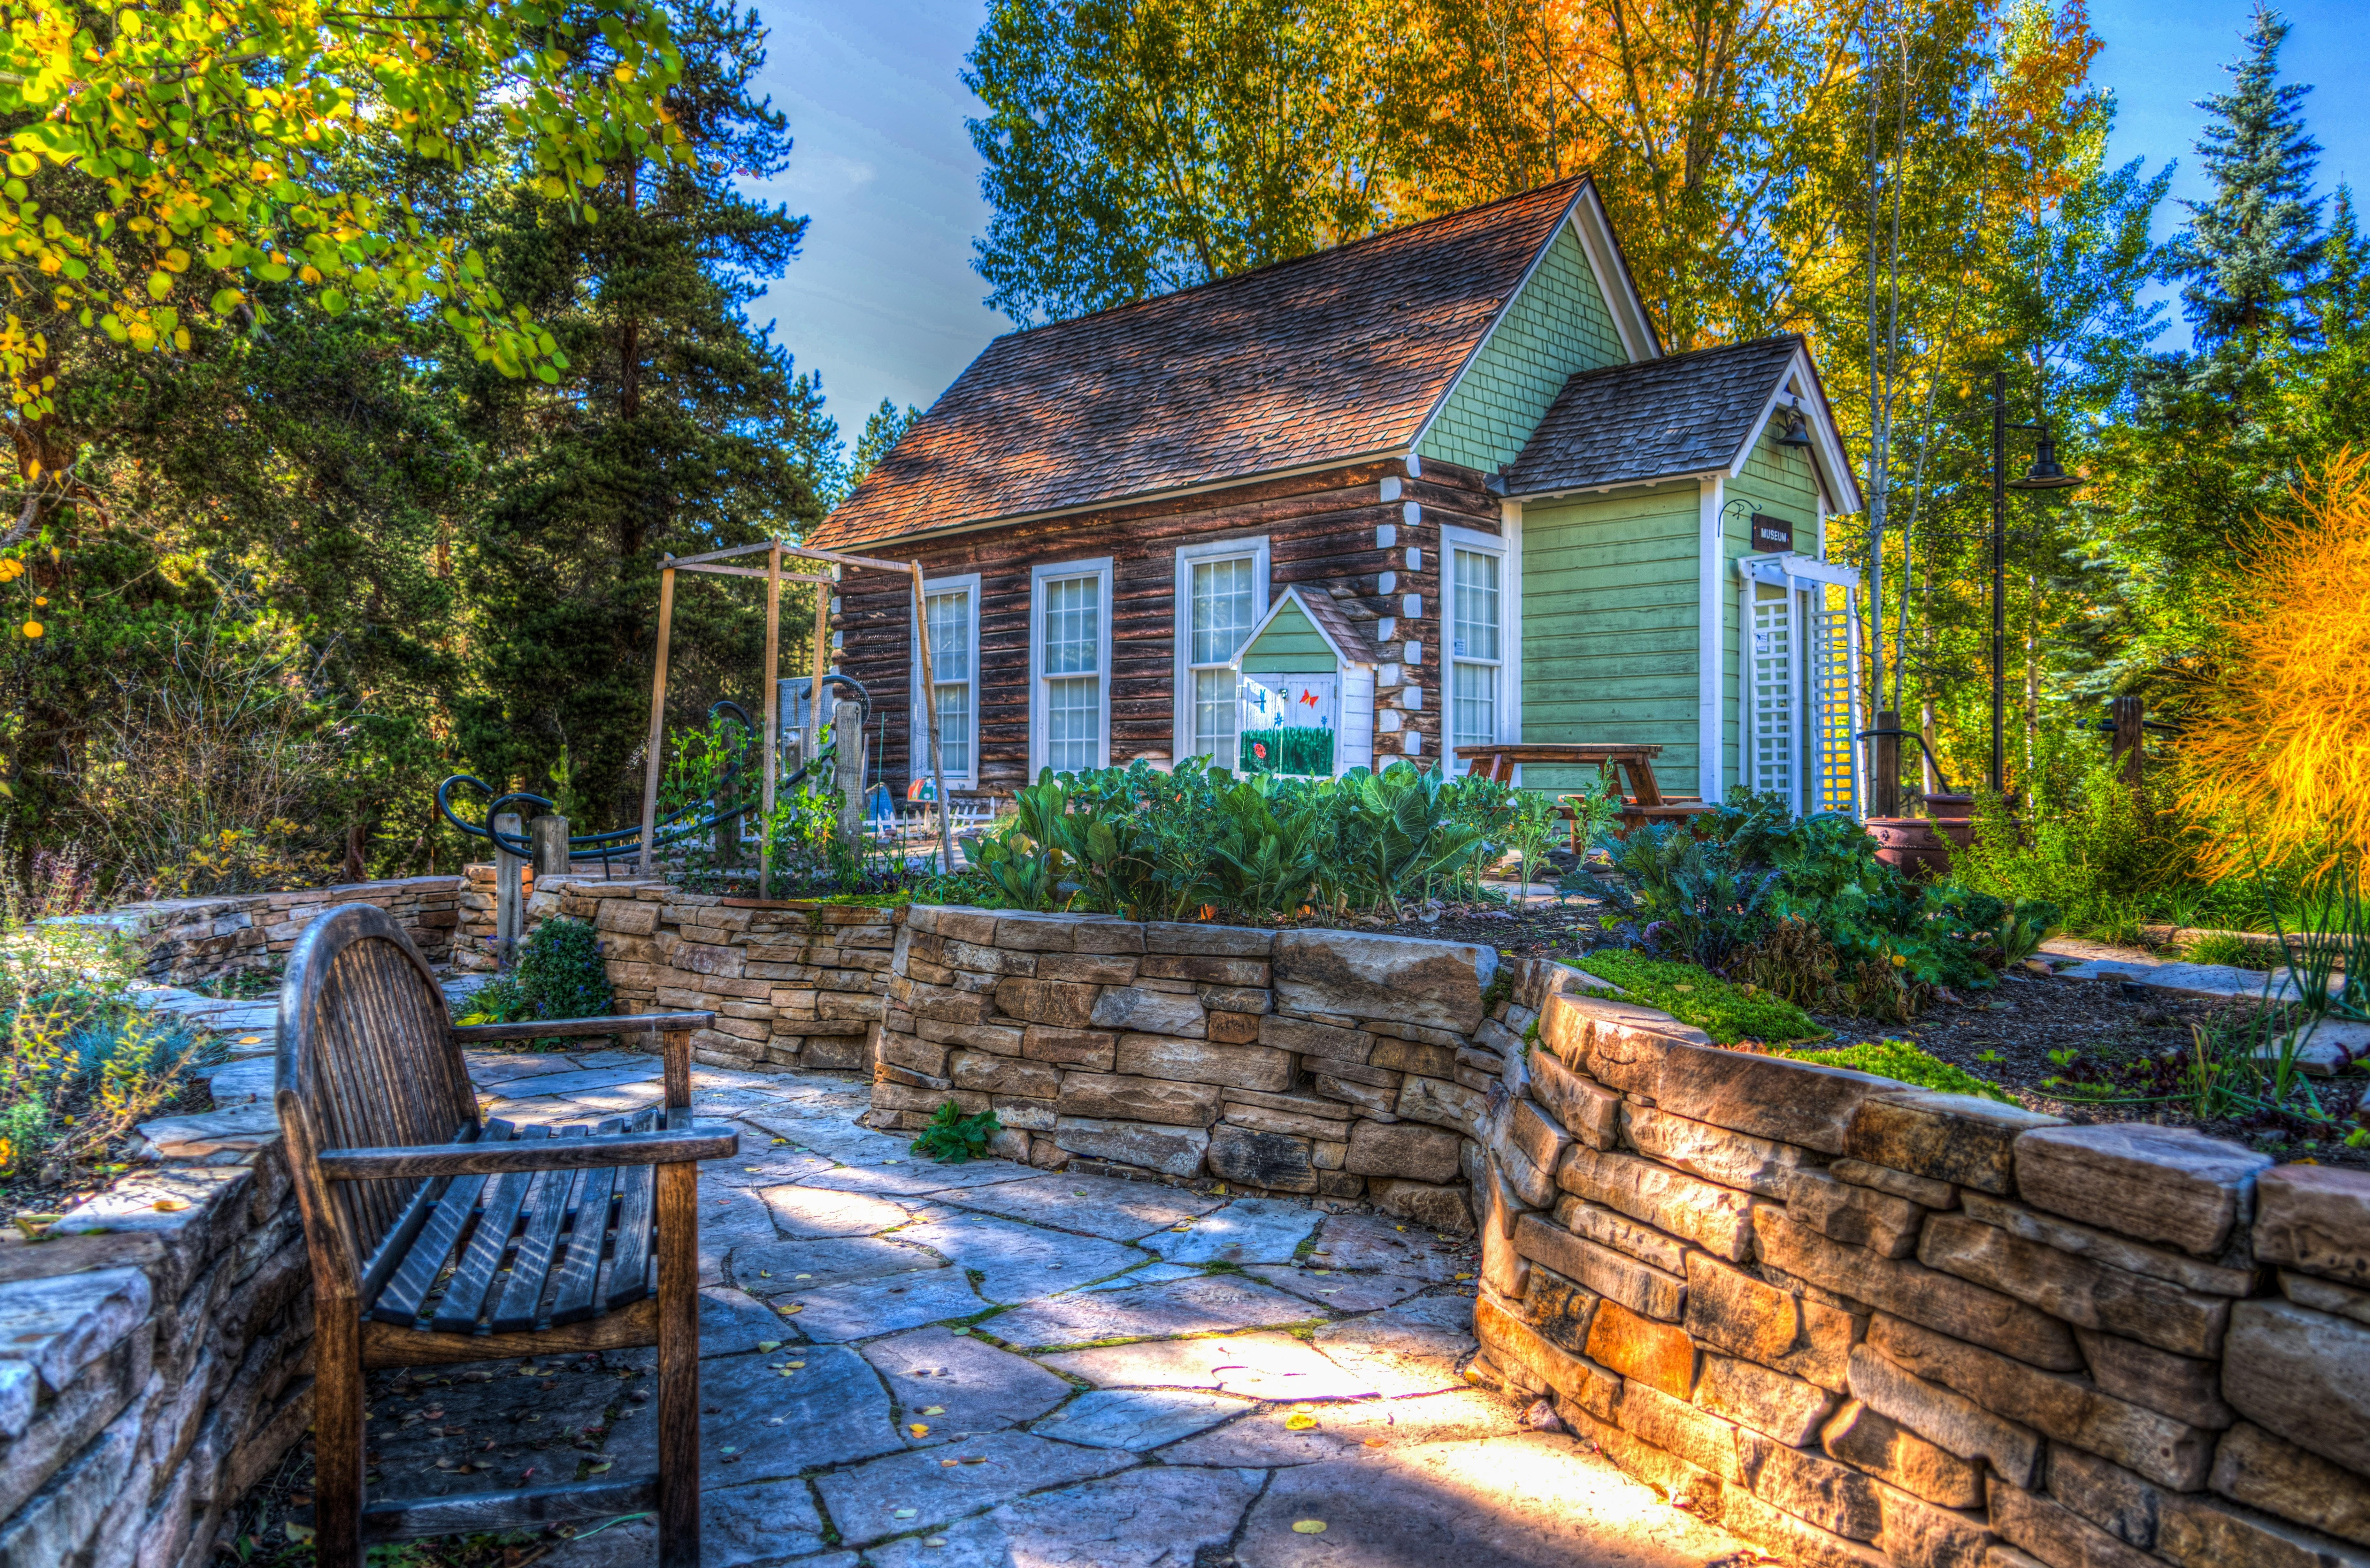 Domy kanadyjskie – Ważne wskazówki dla architektów